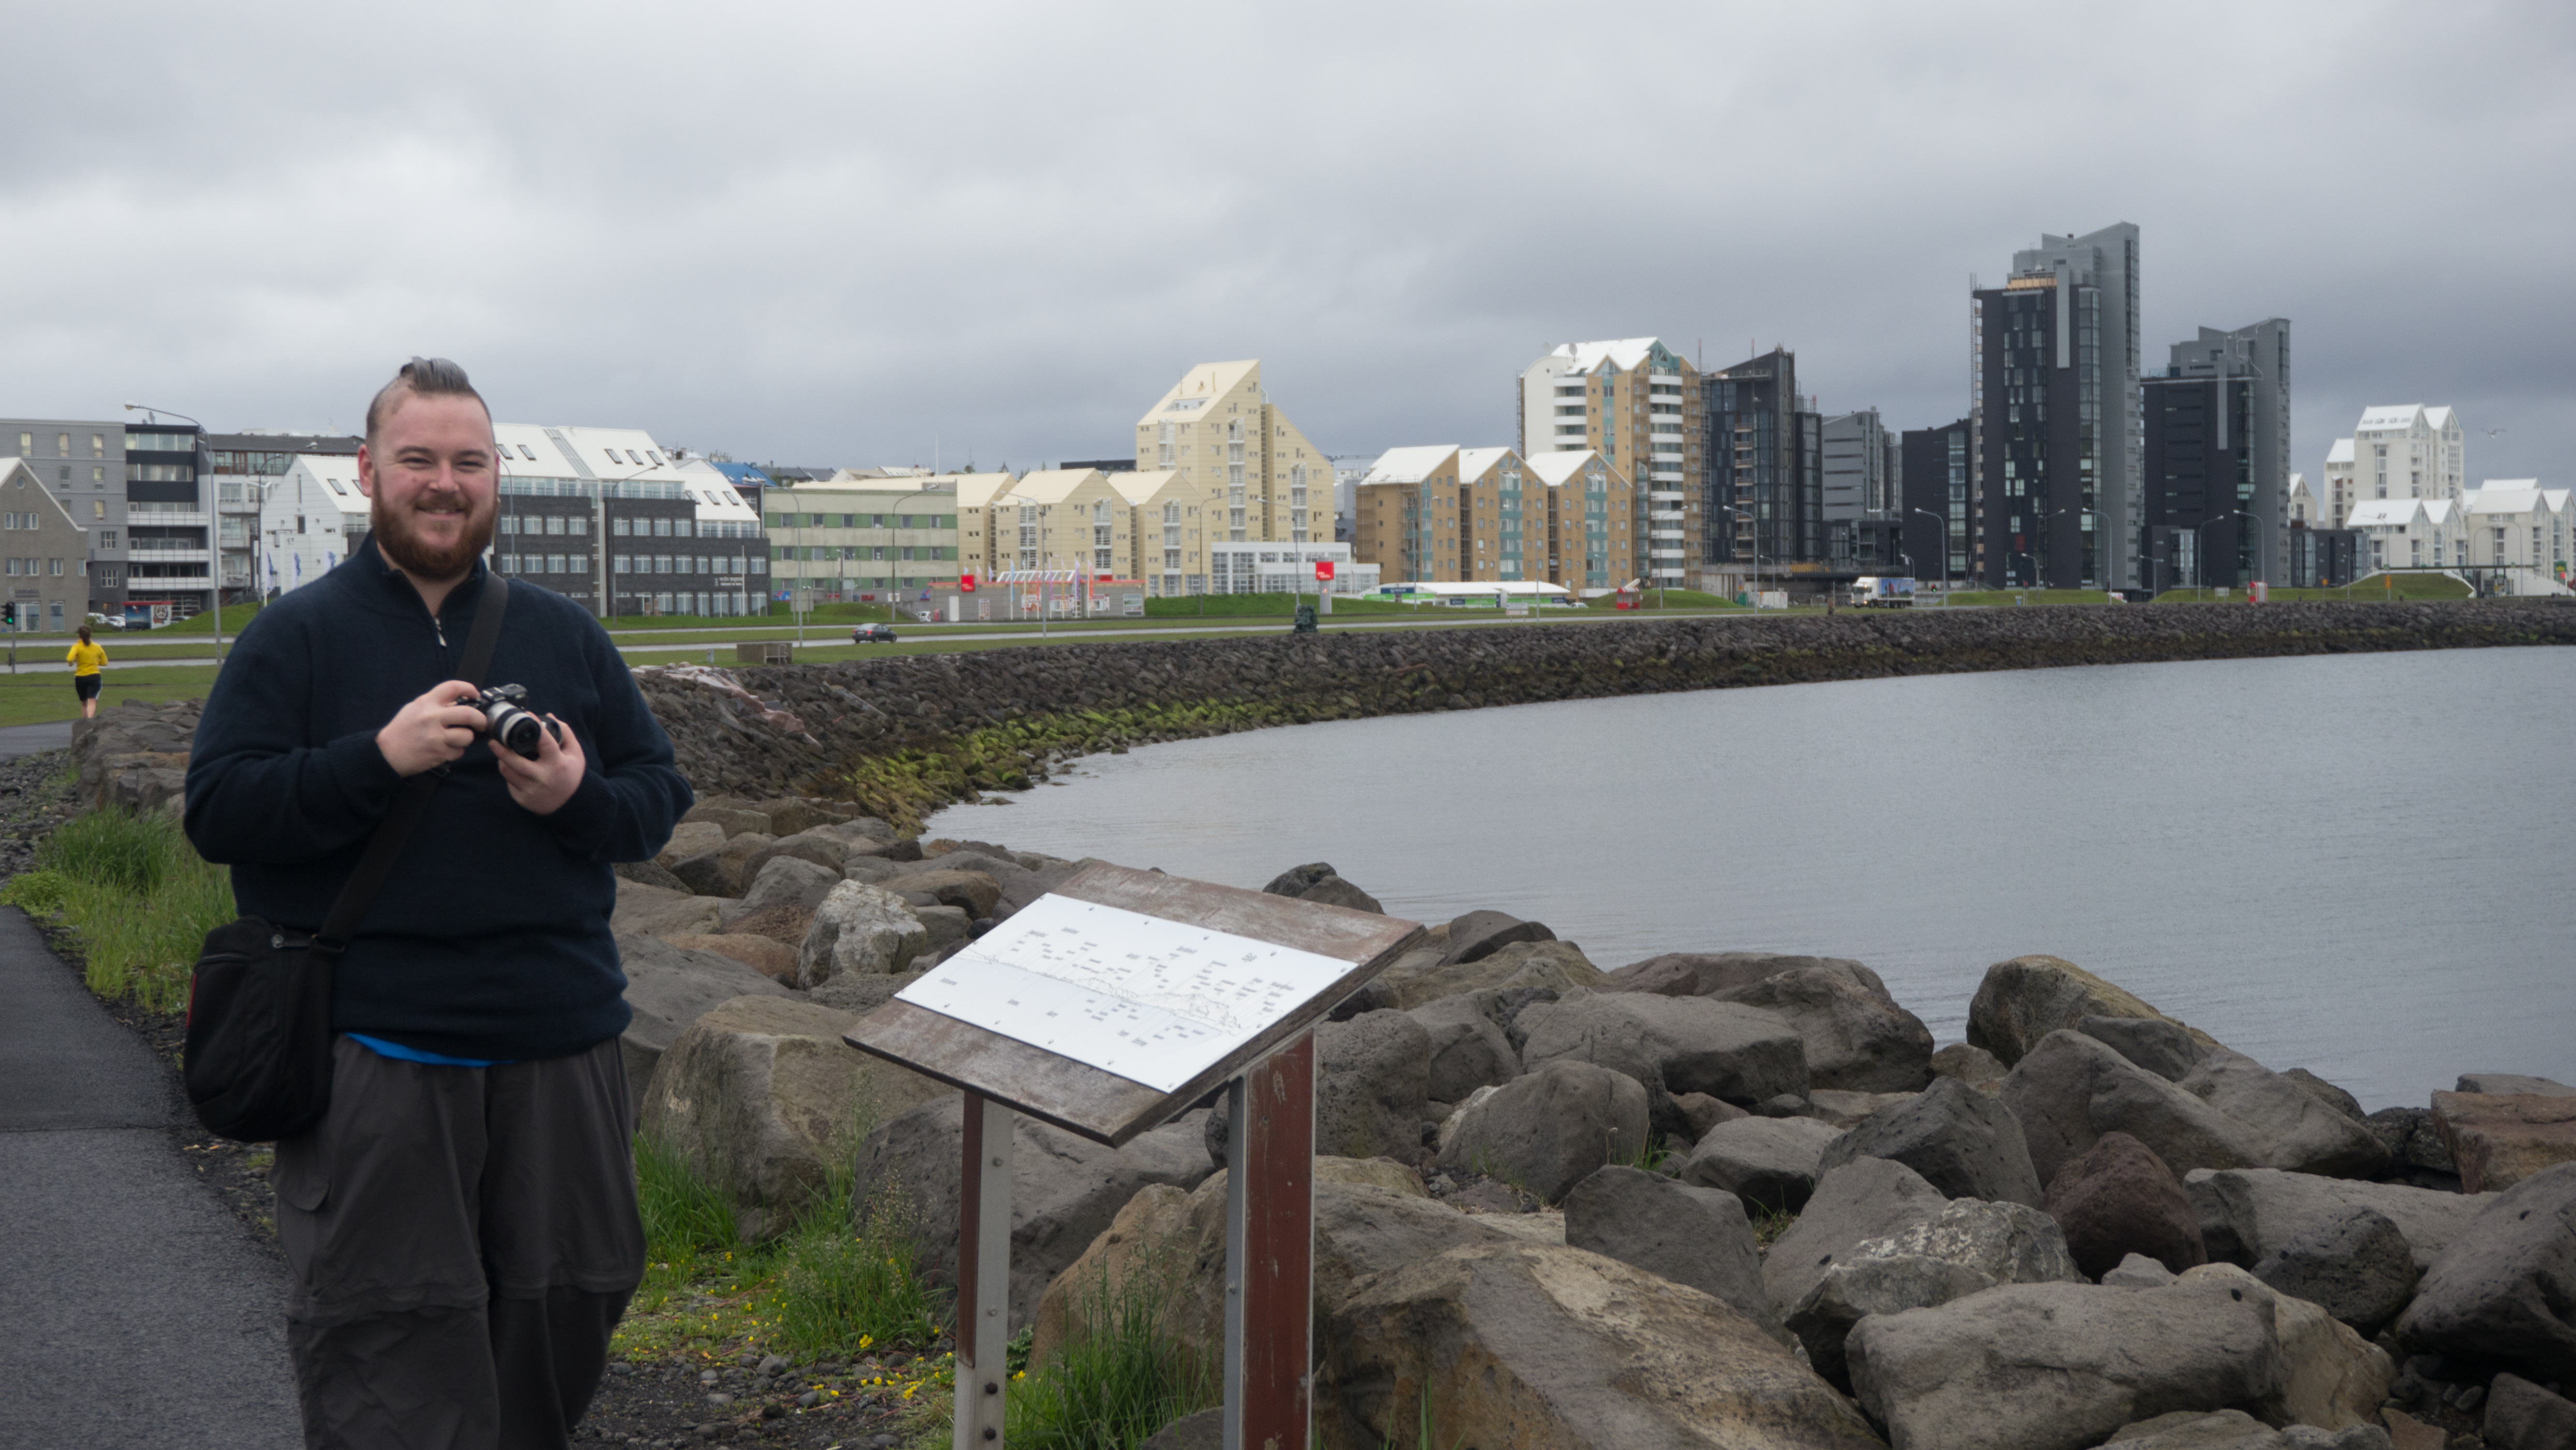 Tim on Sea Front, Reykjavik